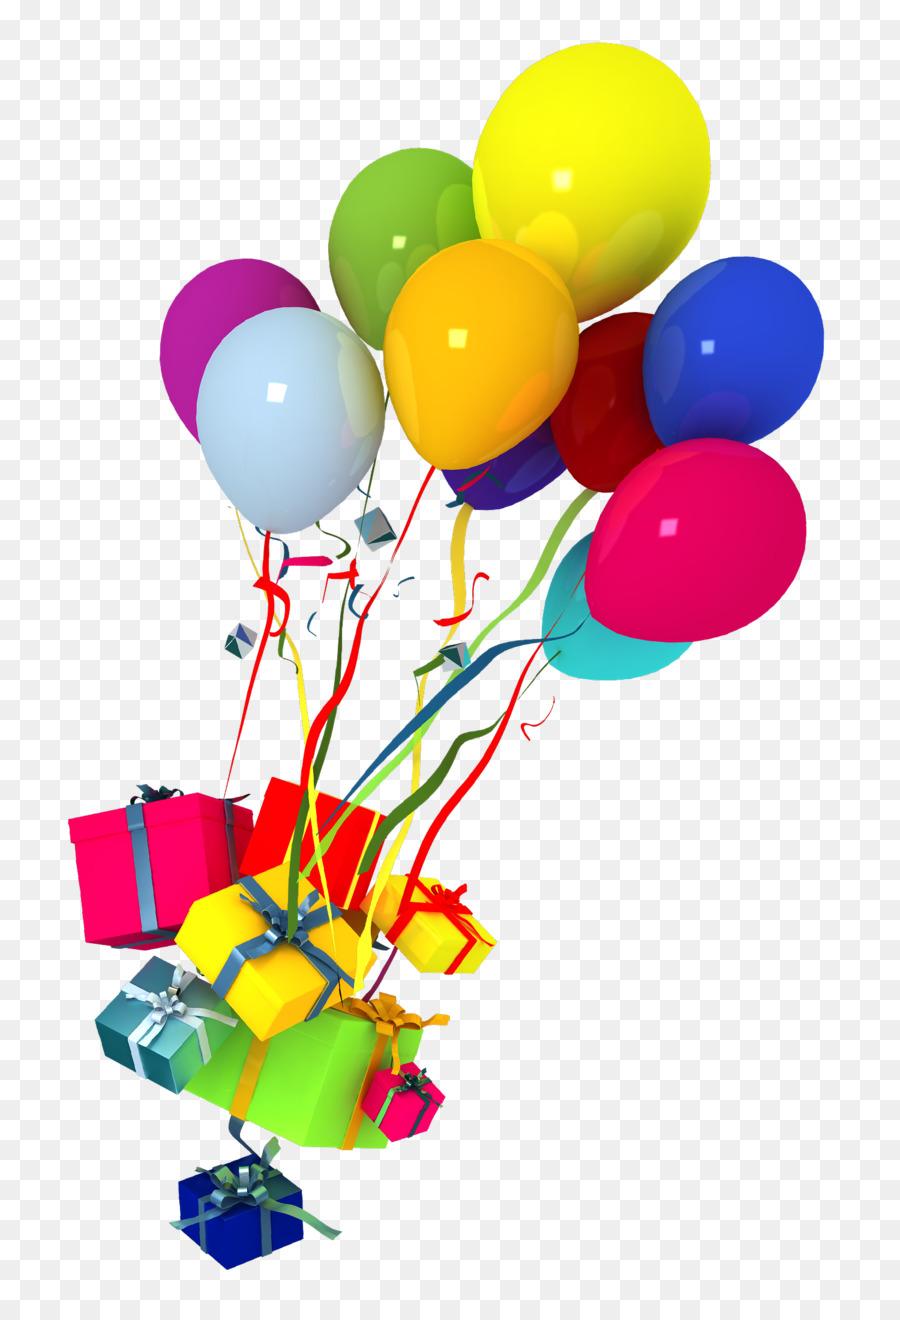 дереву открытки с днем рождения для шарики подарки сказкам джанни было